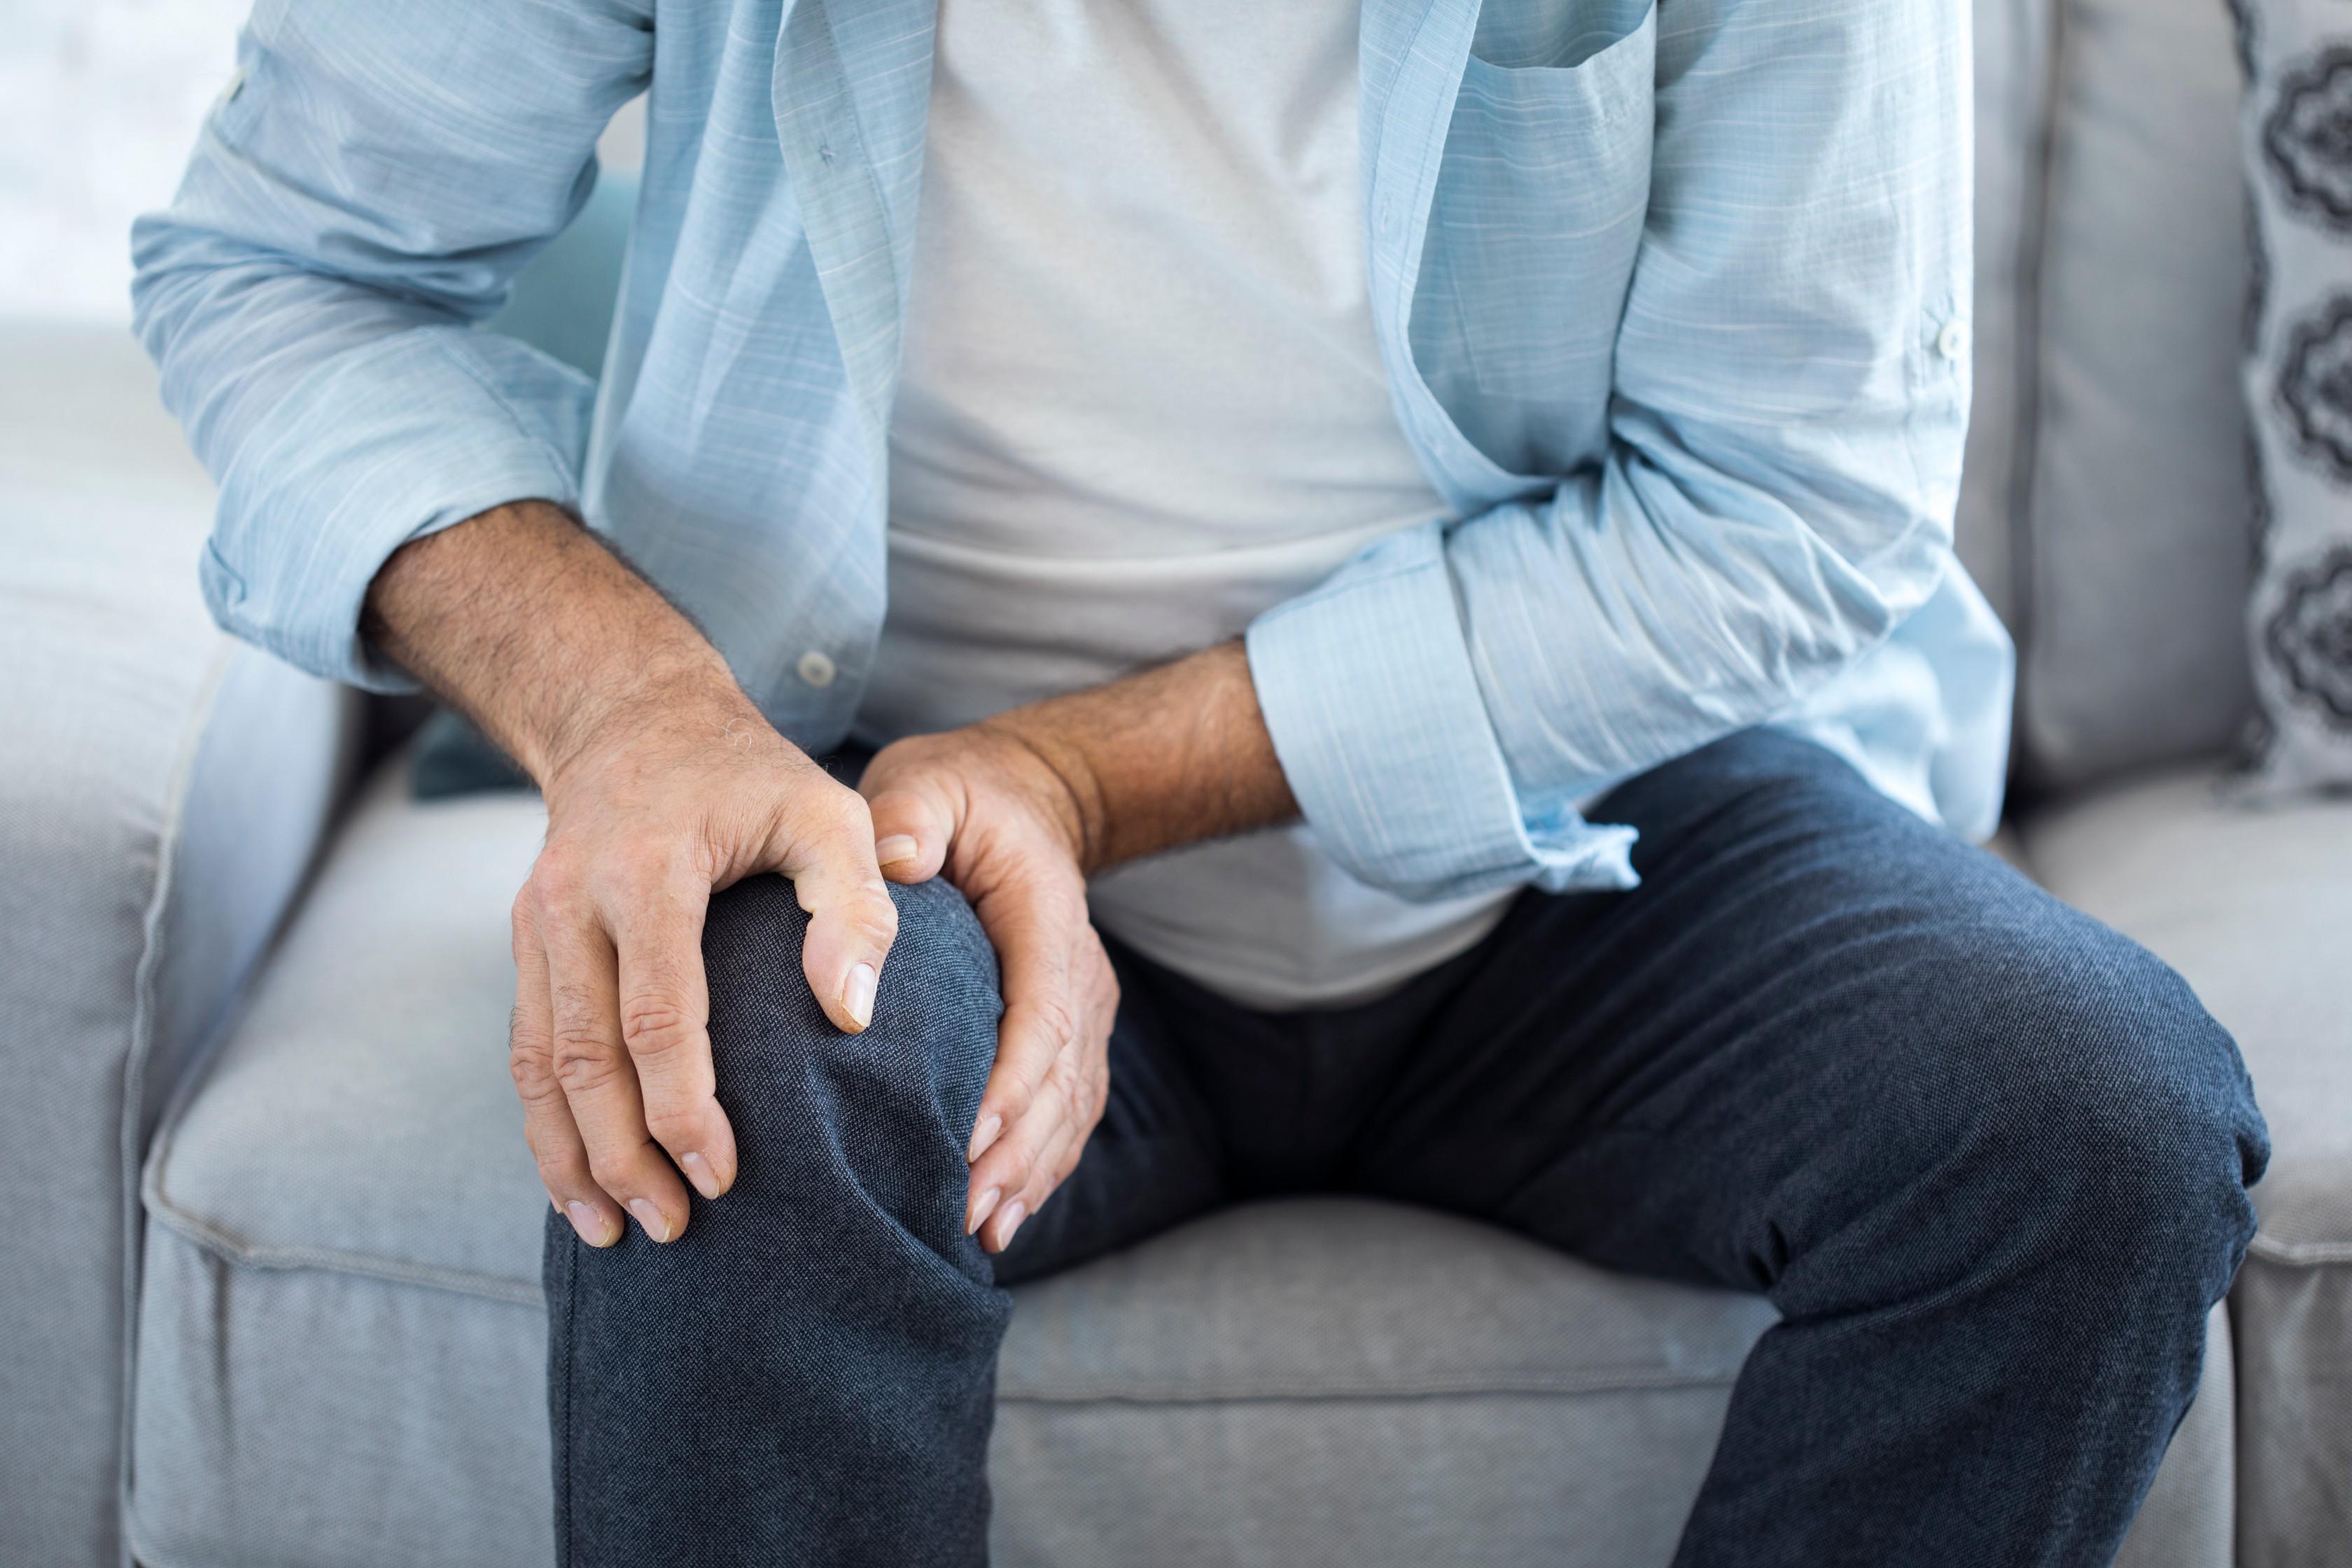 A leggyakoribb állkapocs ízületi problémák és kezelésük